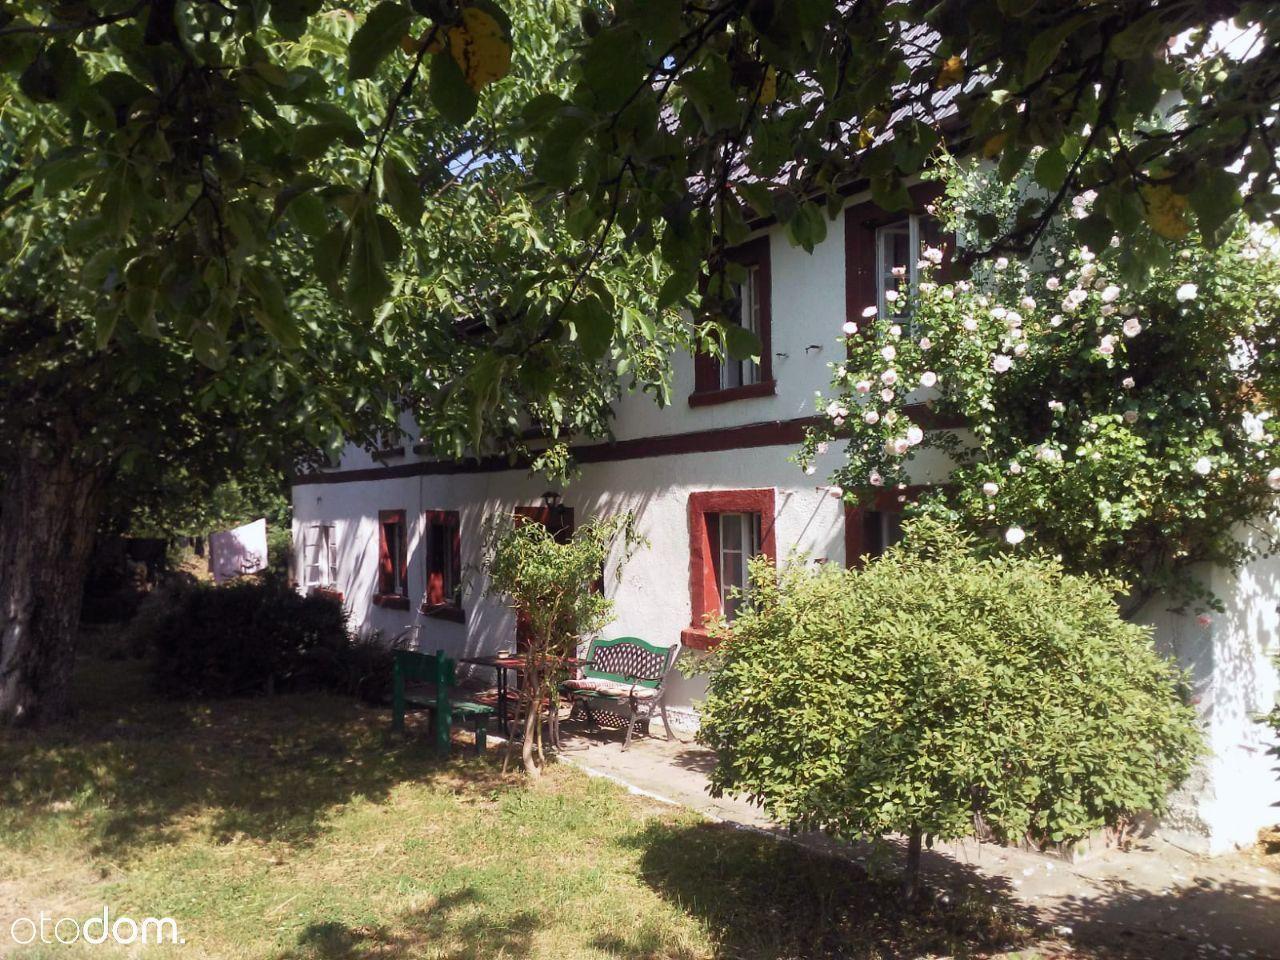 Siedlisko z dużym domem i kamienną stodołą